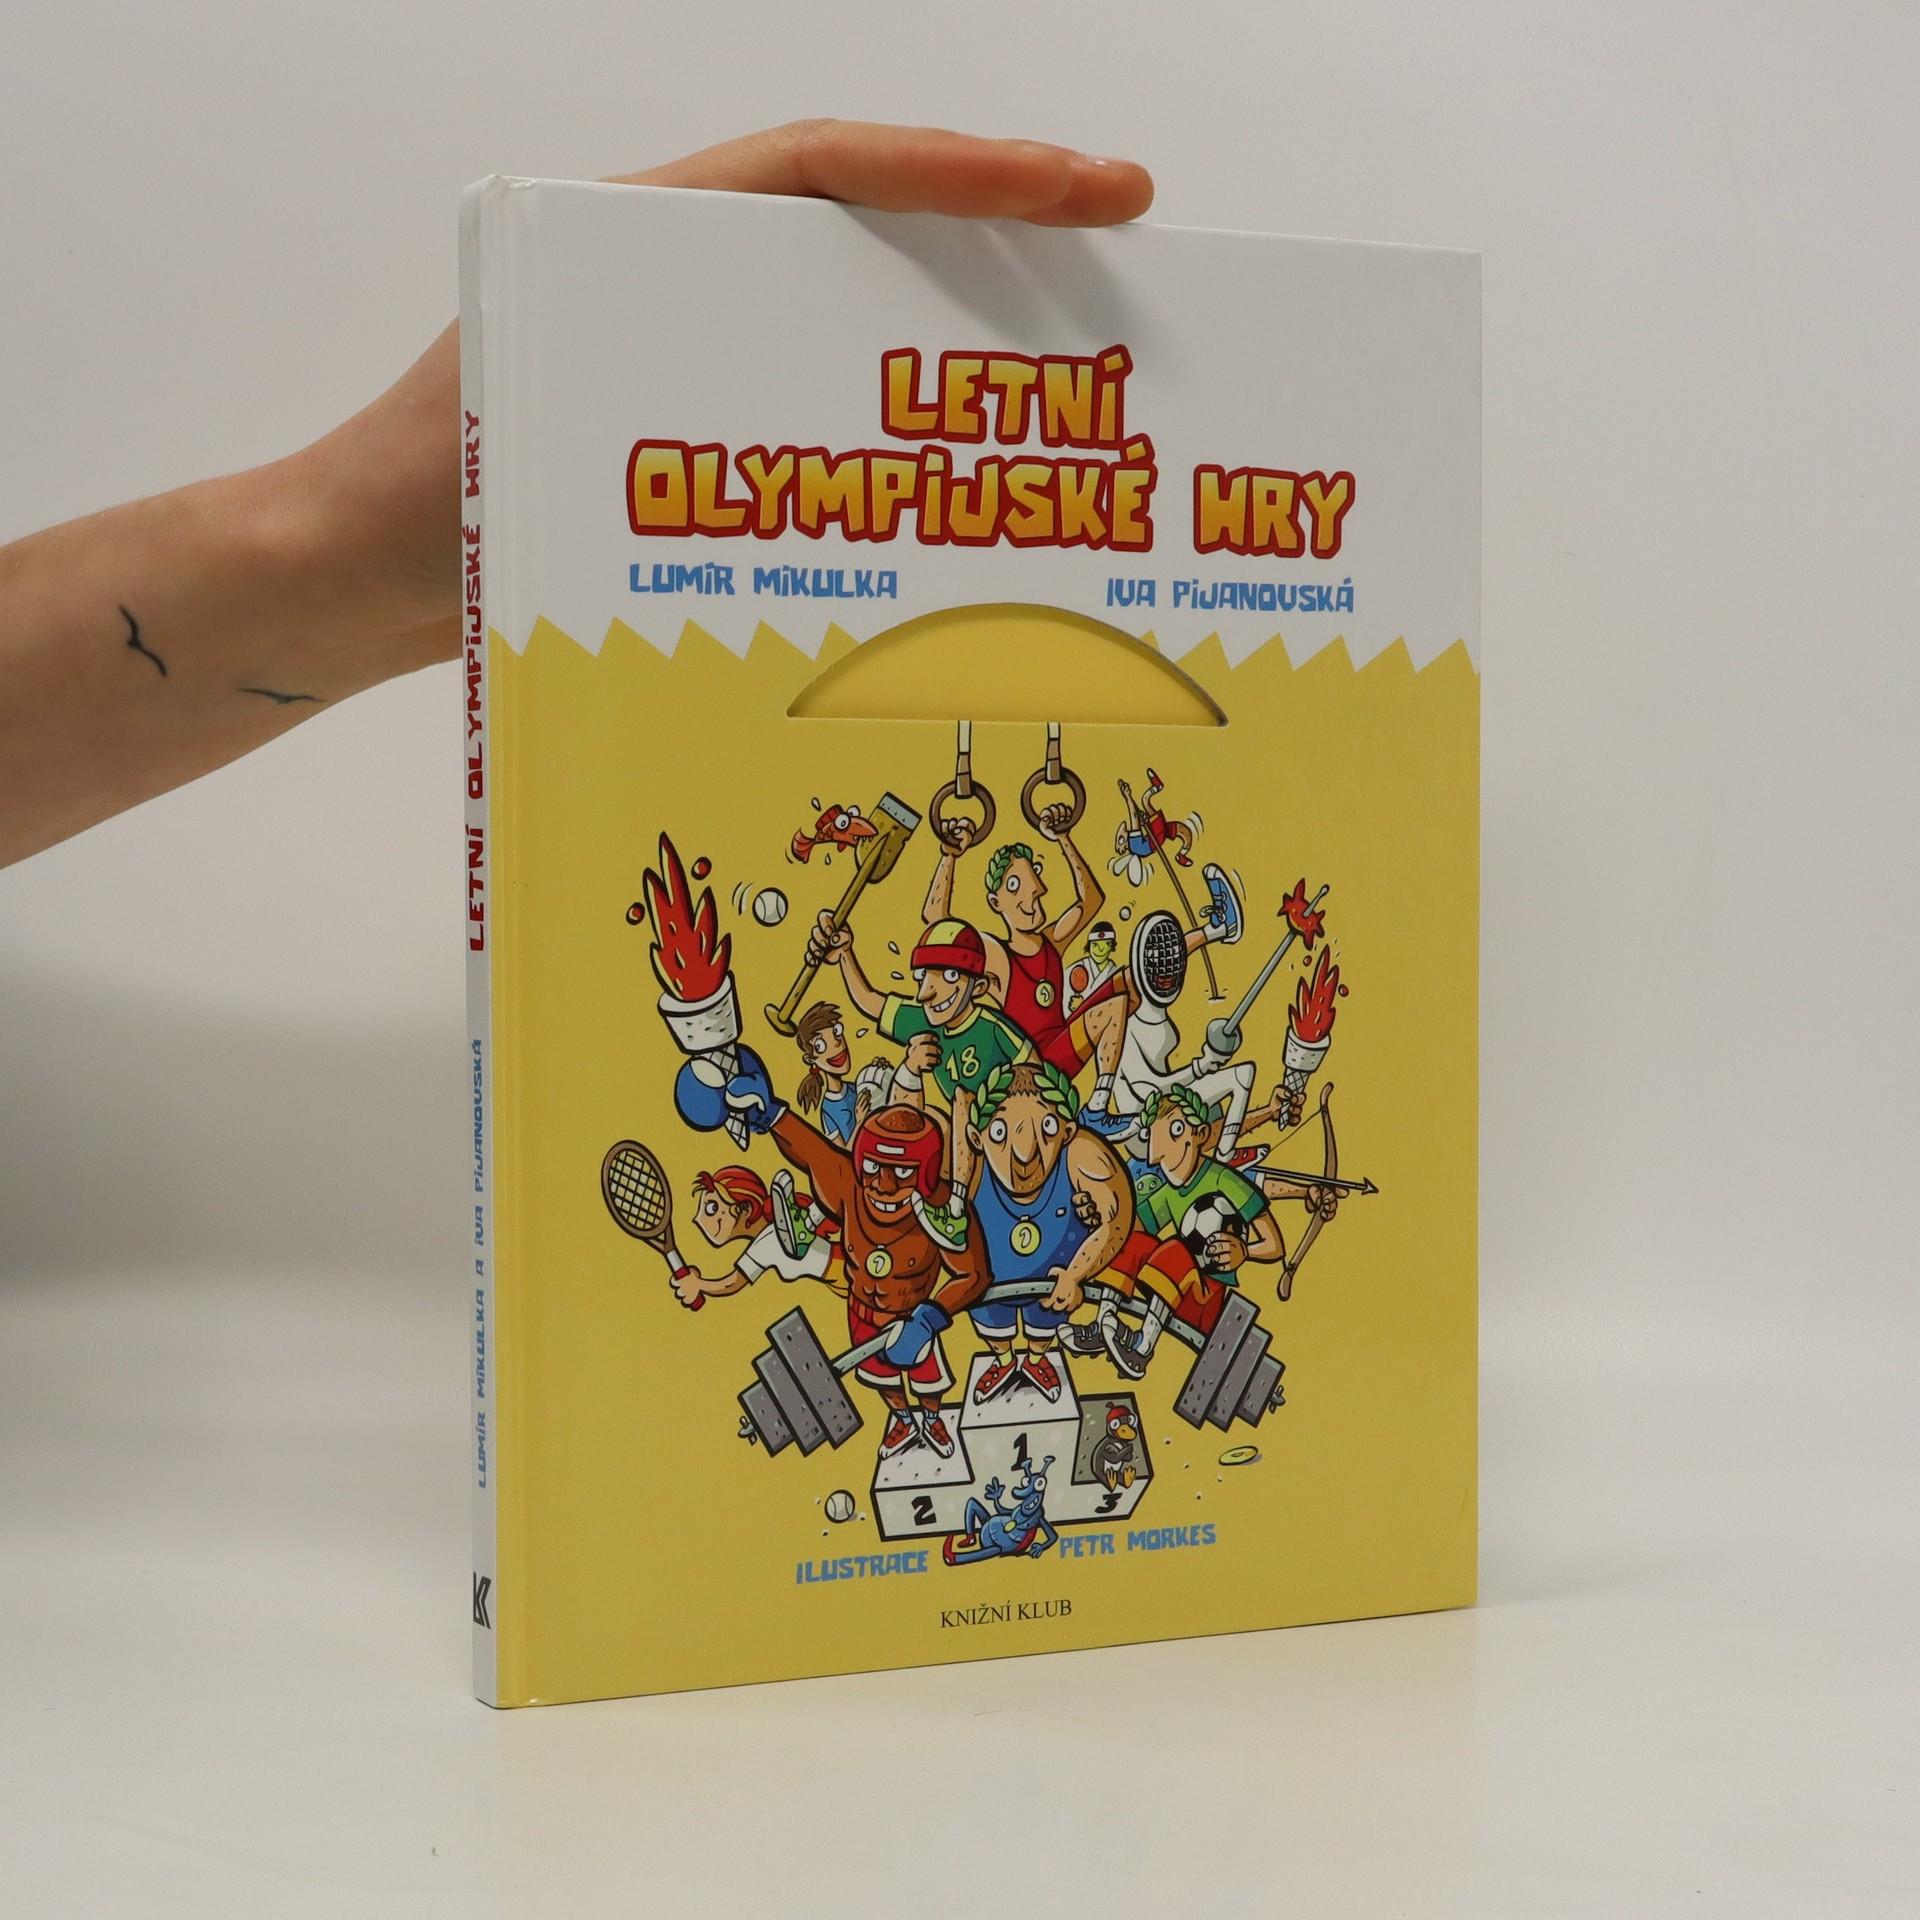 antikvární kniha Letní olympijské hry, 2008